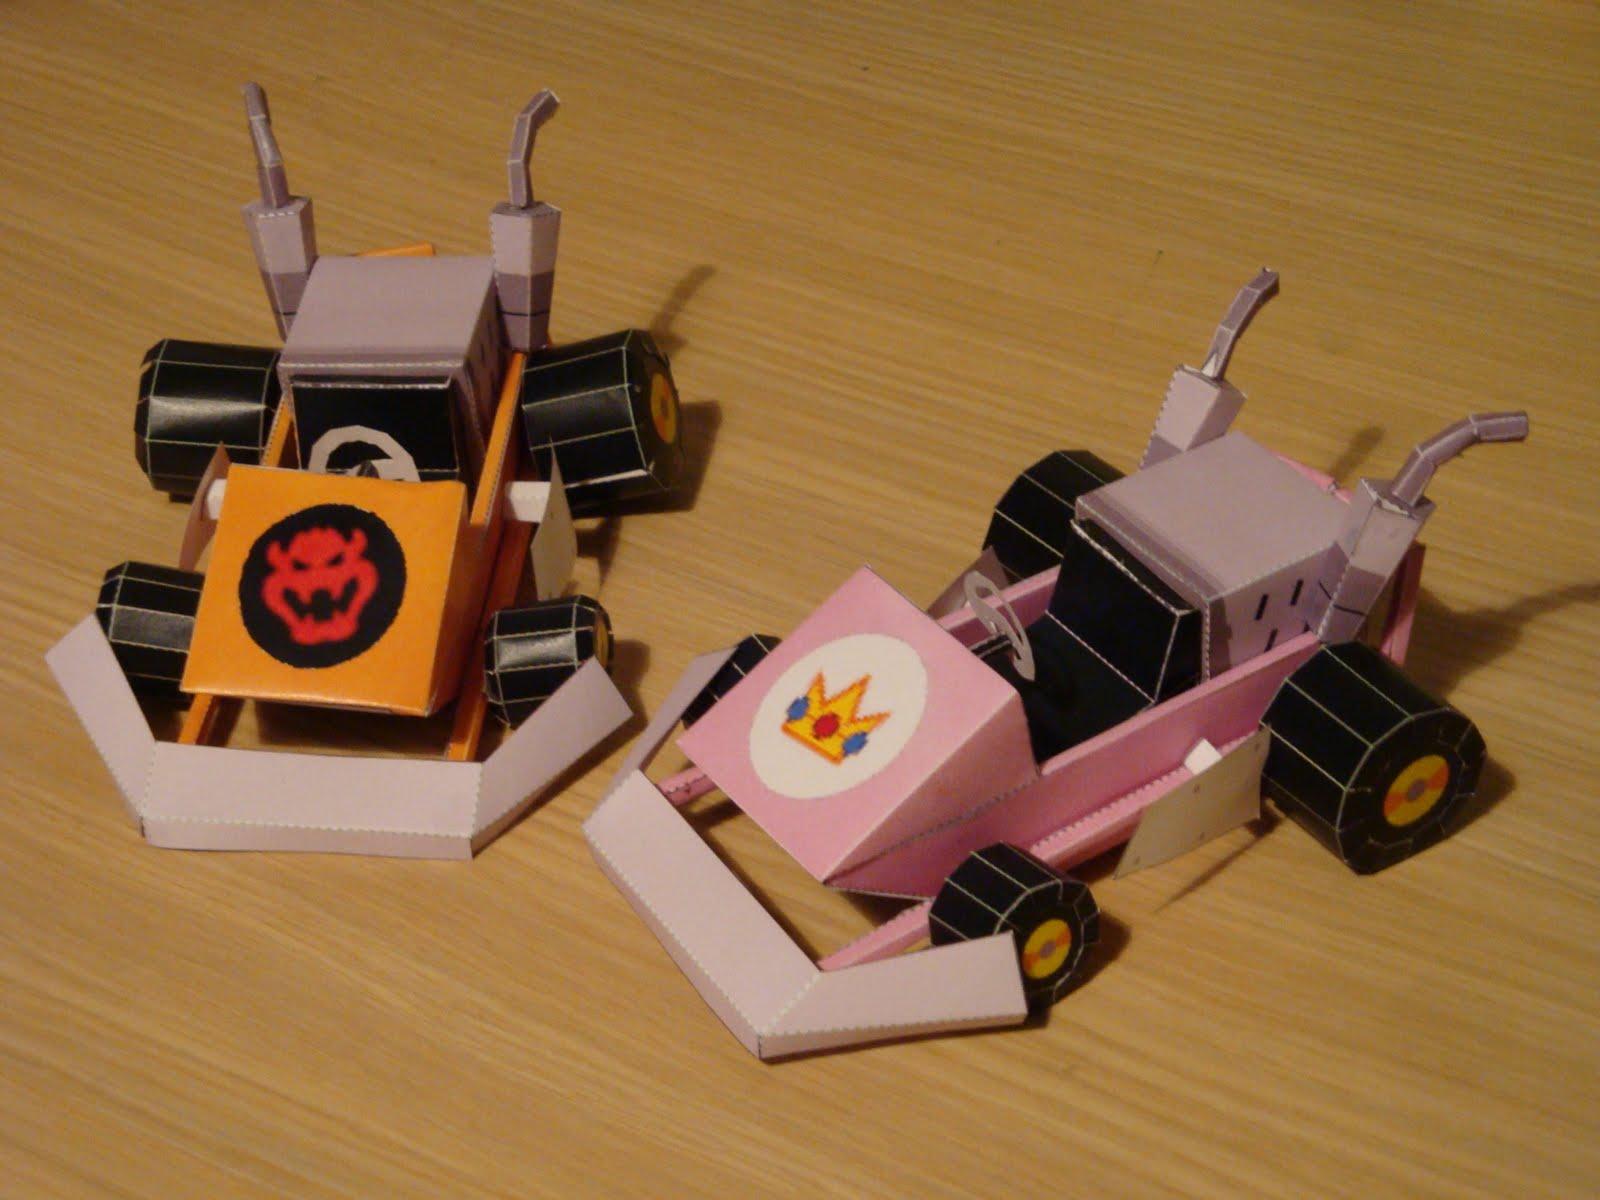 http://4.bp.blogspot.com/-KDIeq9VCtDQ/TmRX5Q7IlyI/AAAAAAAAJwE/Wvj6ORrzfdM/s1600/mario+kart+recolor+papercraft.jpg